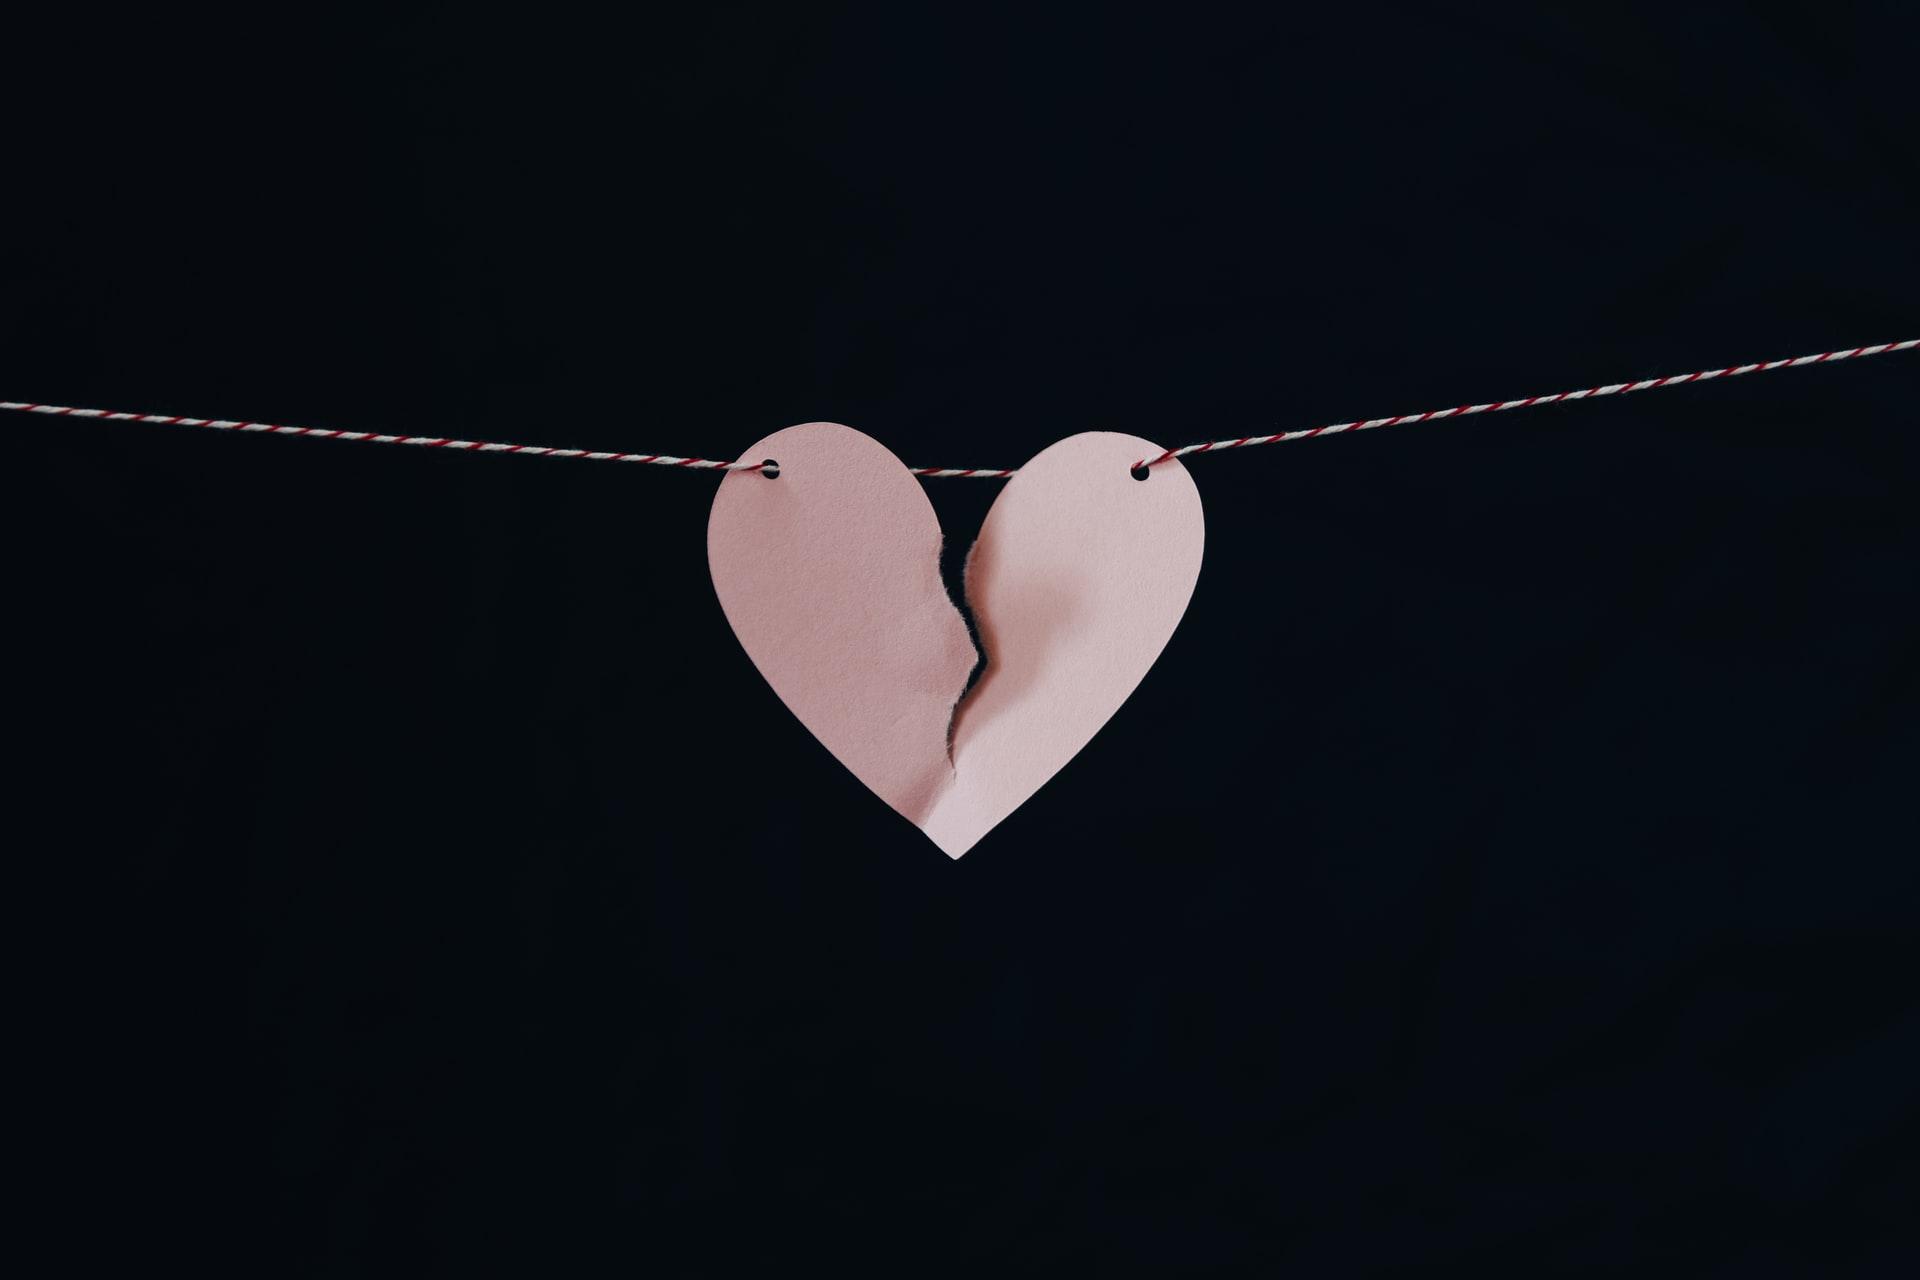 A broken heart made of paper